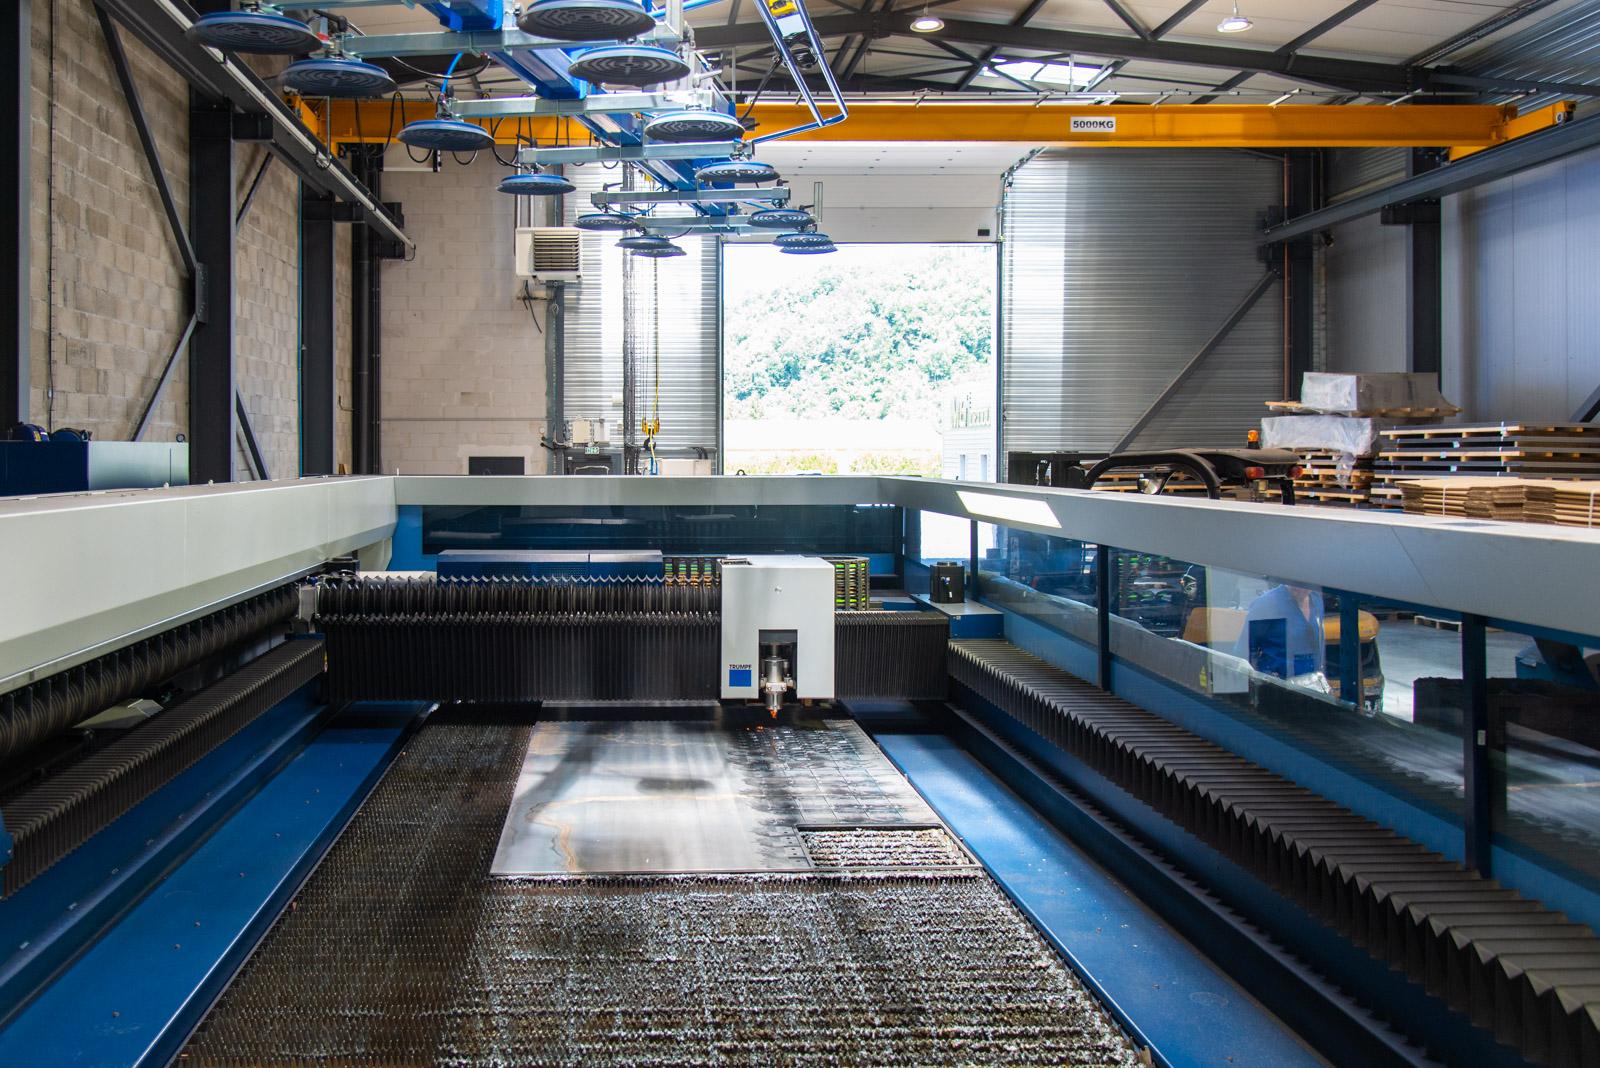 Machine de découpe laser 6000 x 2000 6 kW C02 – True Laser 5060 de la chaudronnerie Marmonier